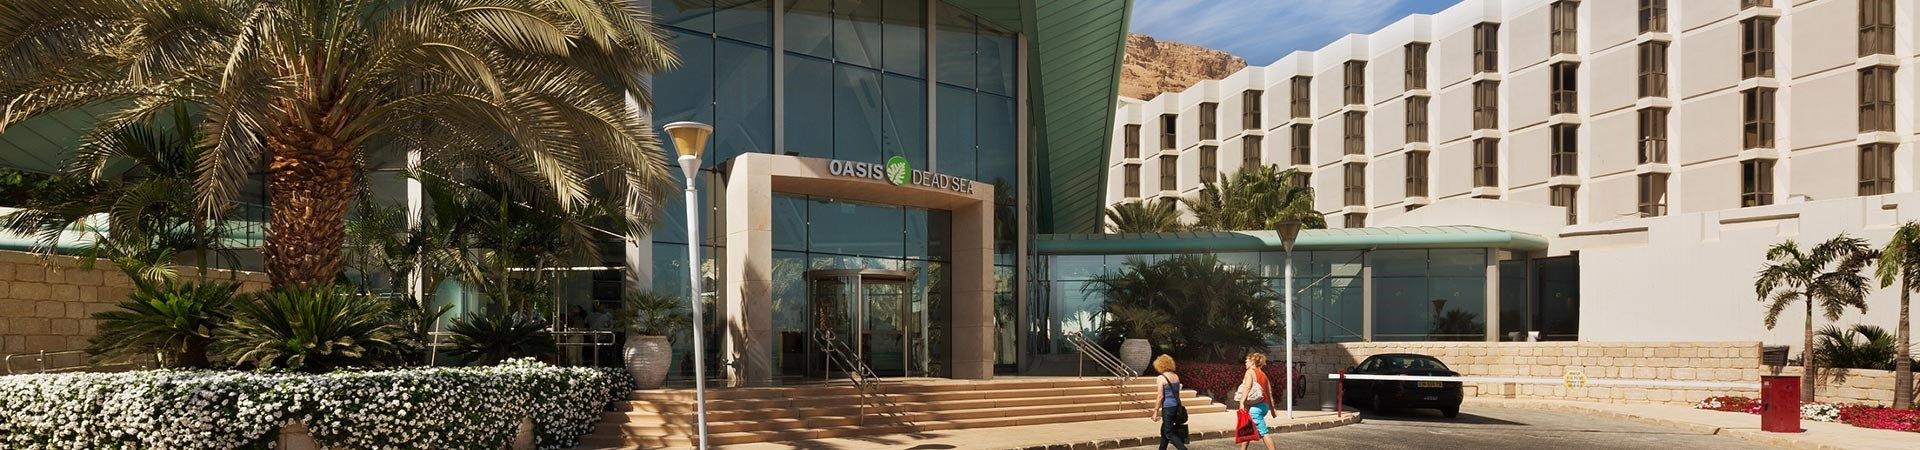 Oasis - Entrance